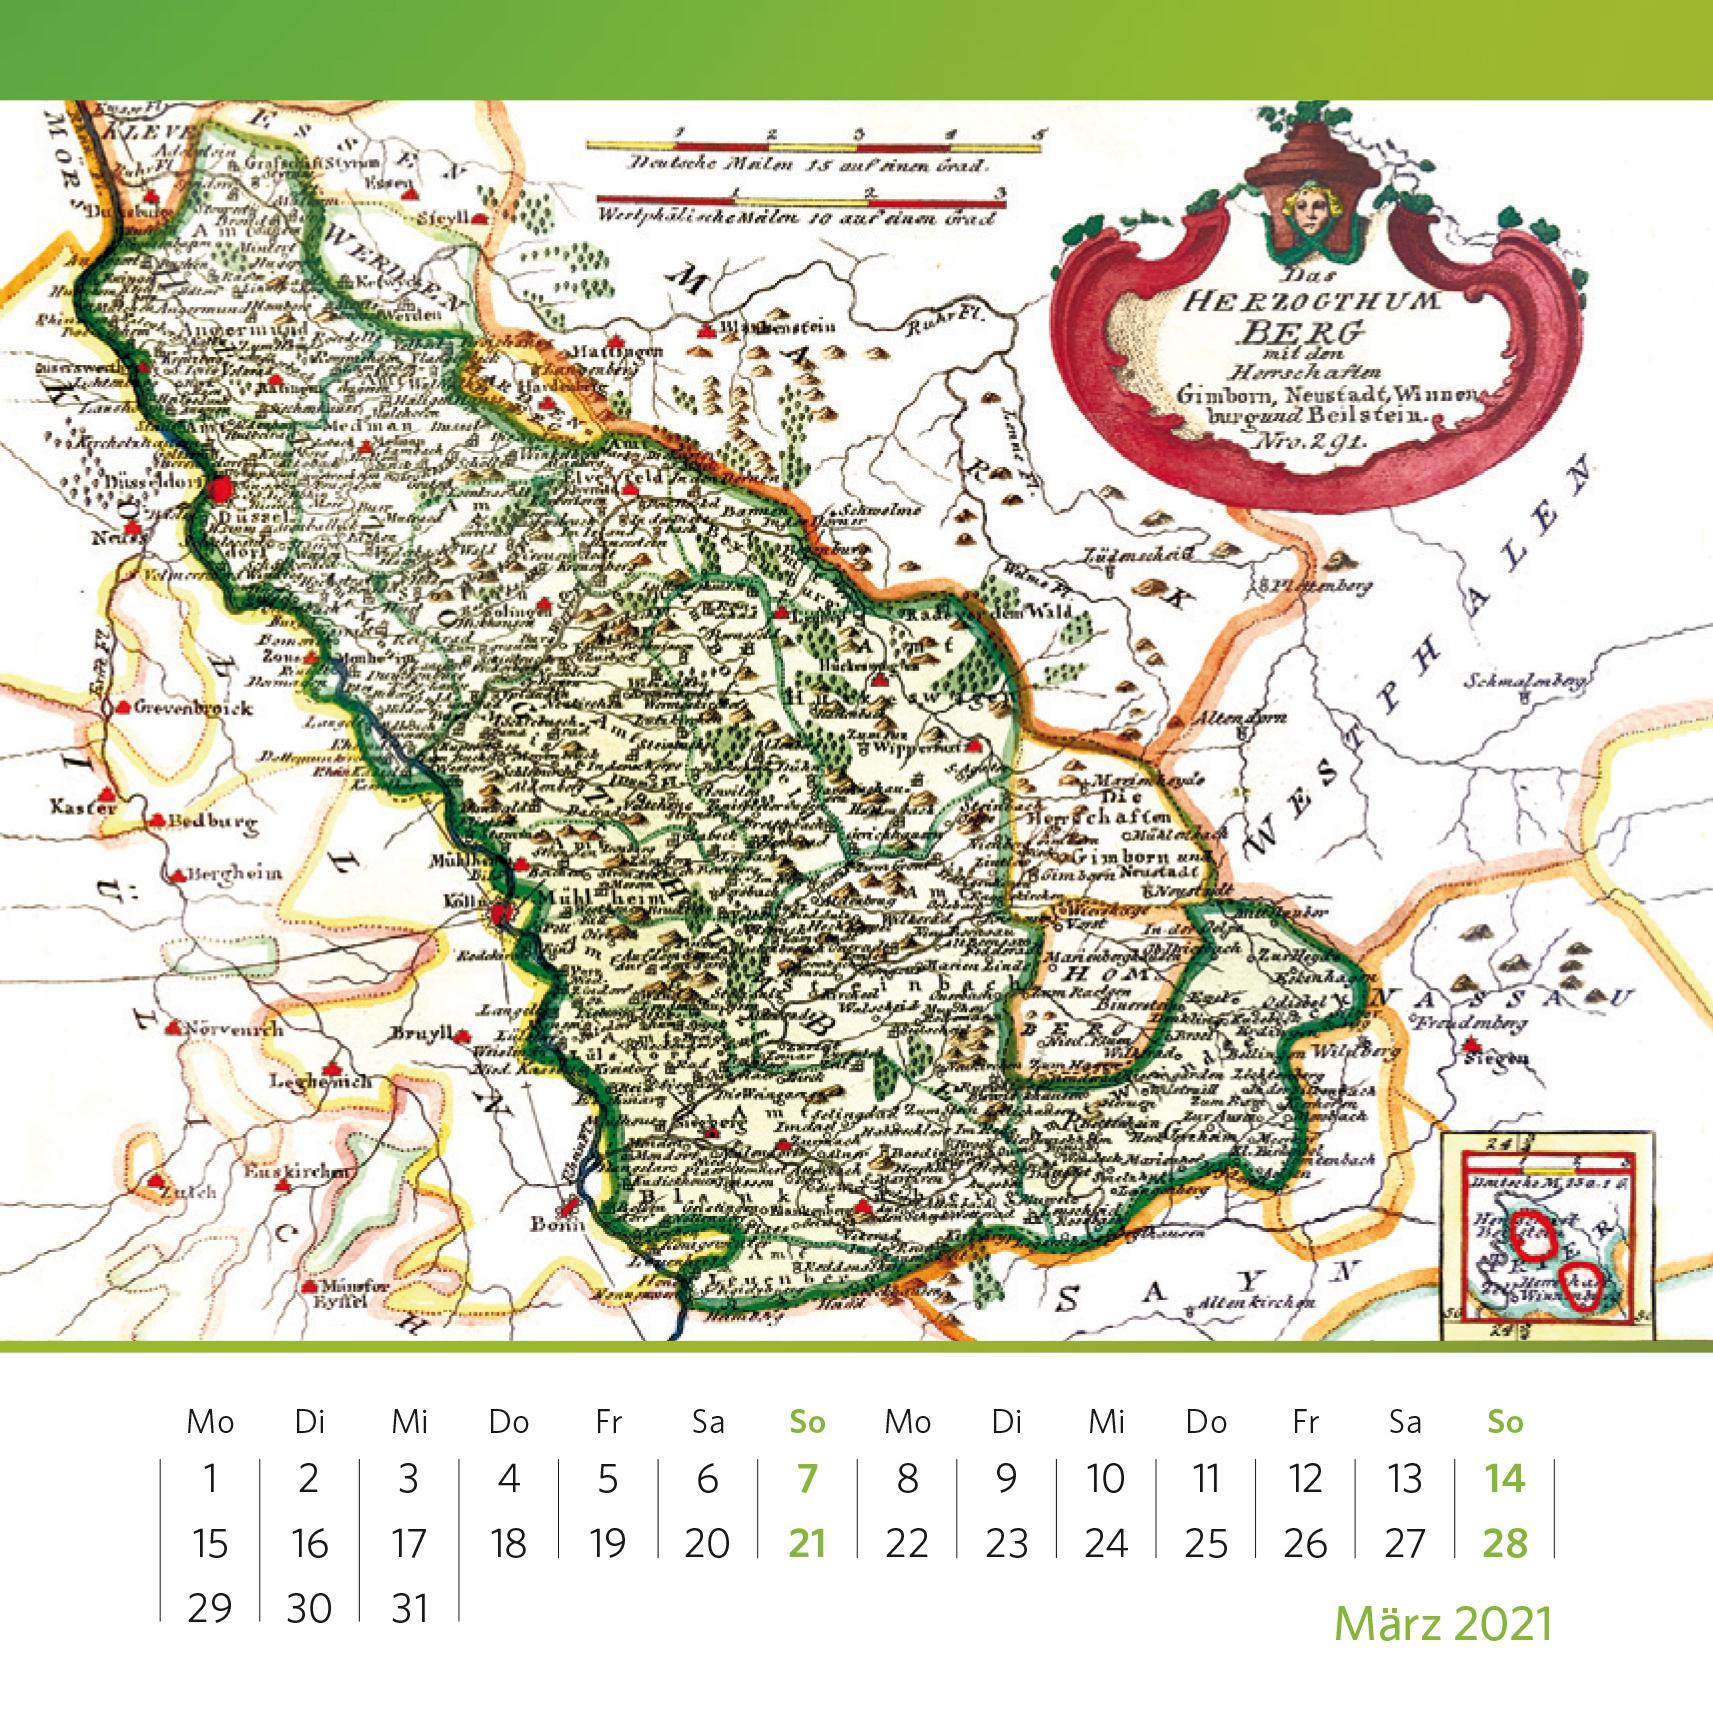 Das Herzogtum Berg als grüner Bereich Historische Karte von 1791, handkolorierter Kupferstich, 21x27 cm. Foto: Oliver Kolken